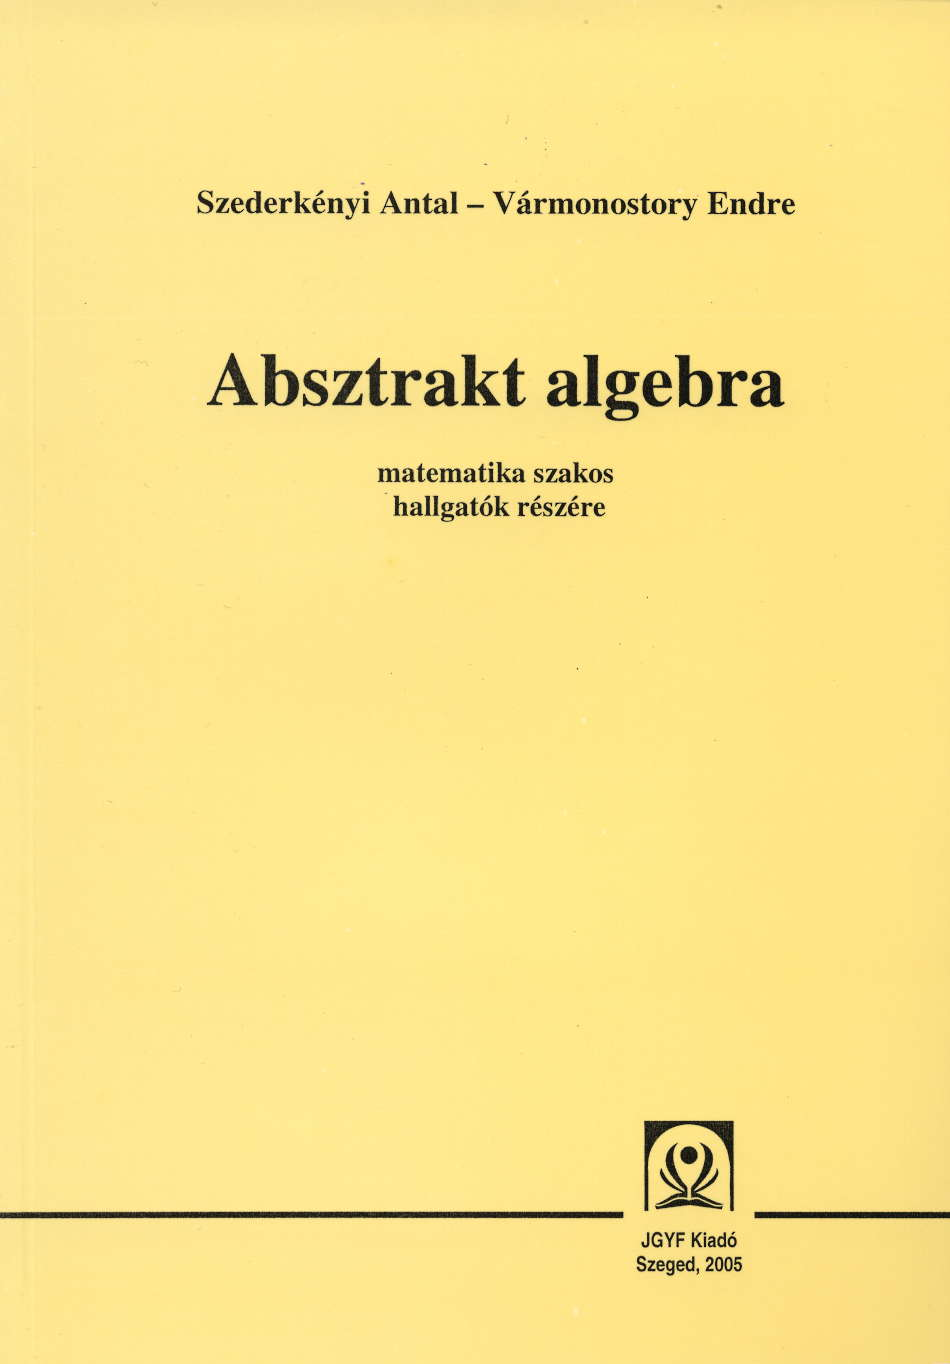 Absztrakt algebra - JGYFK